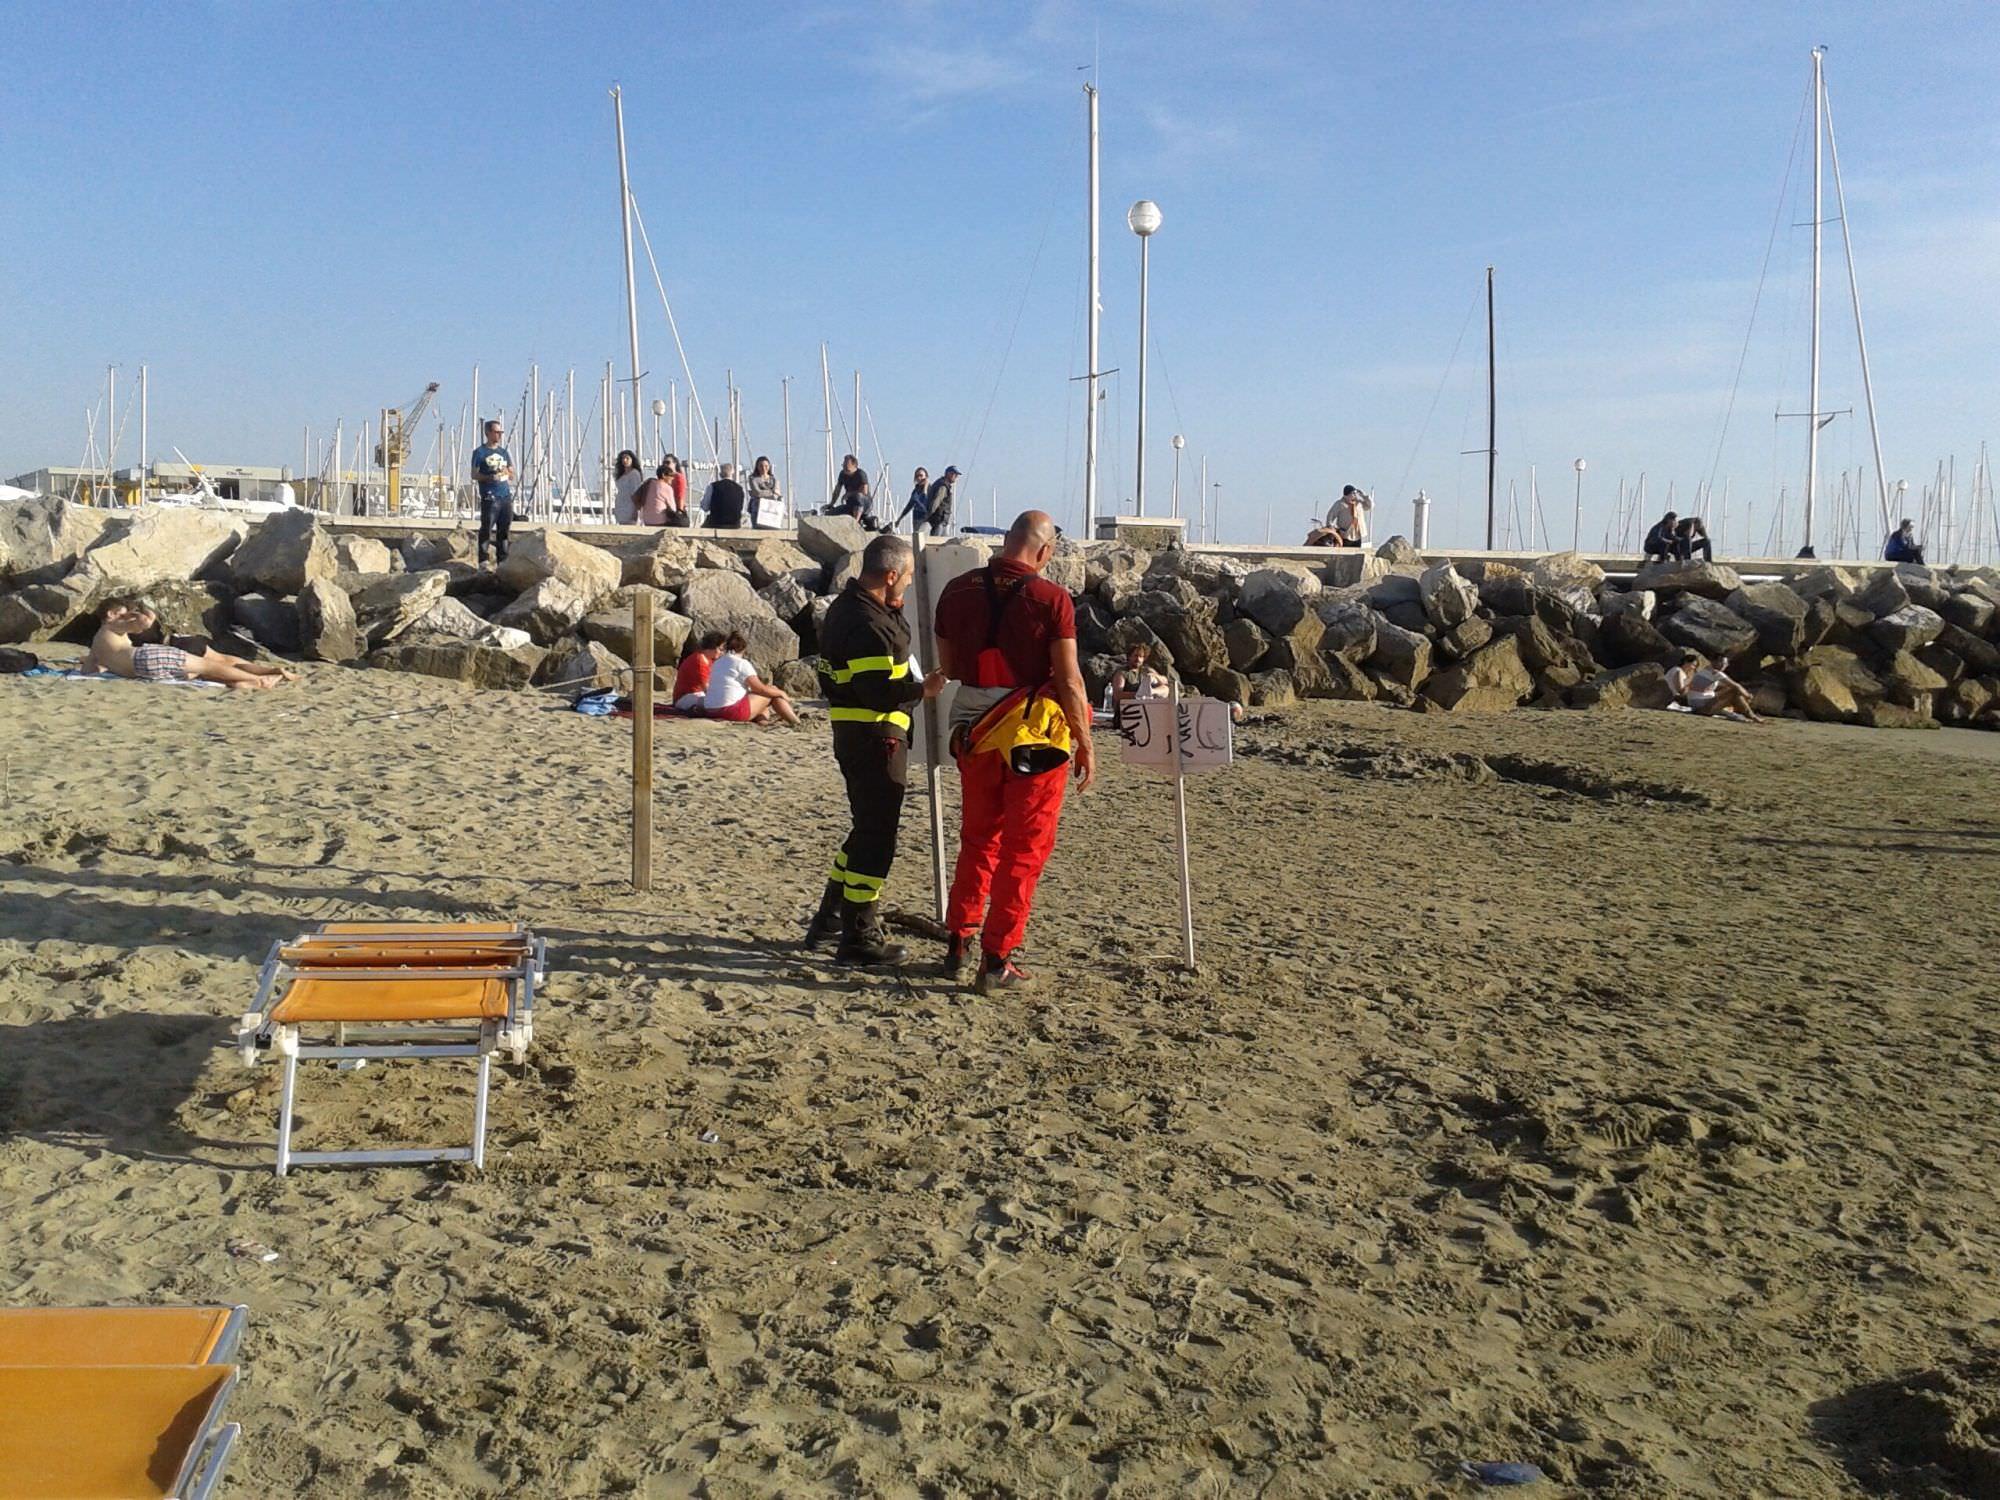 Un ragazzo caduto dagli scogli scattano le ricerche in mare cronaca cronaca viareggio - Bagno flora viareggio ...